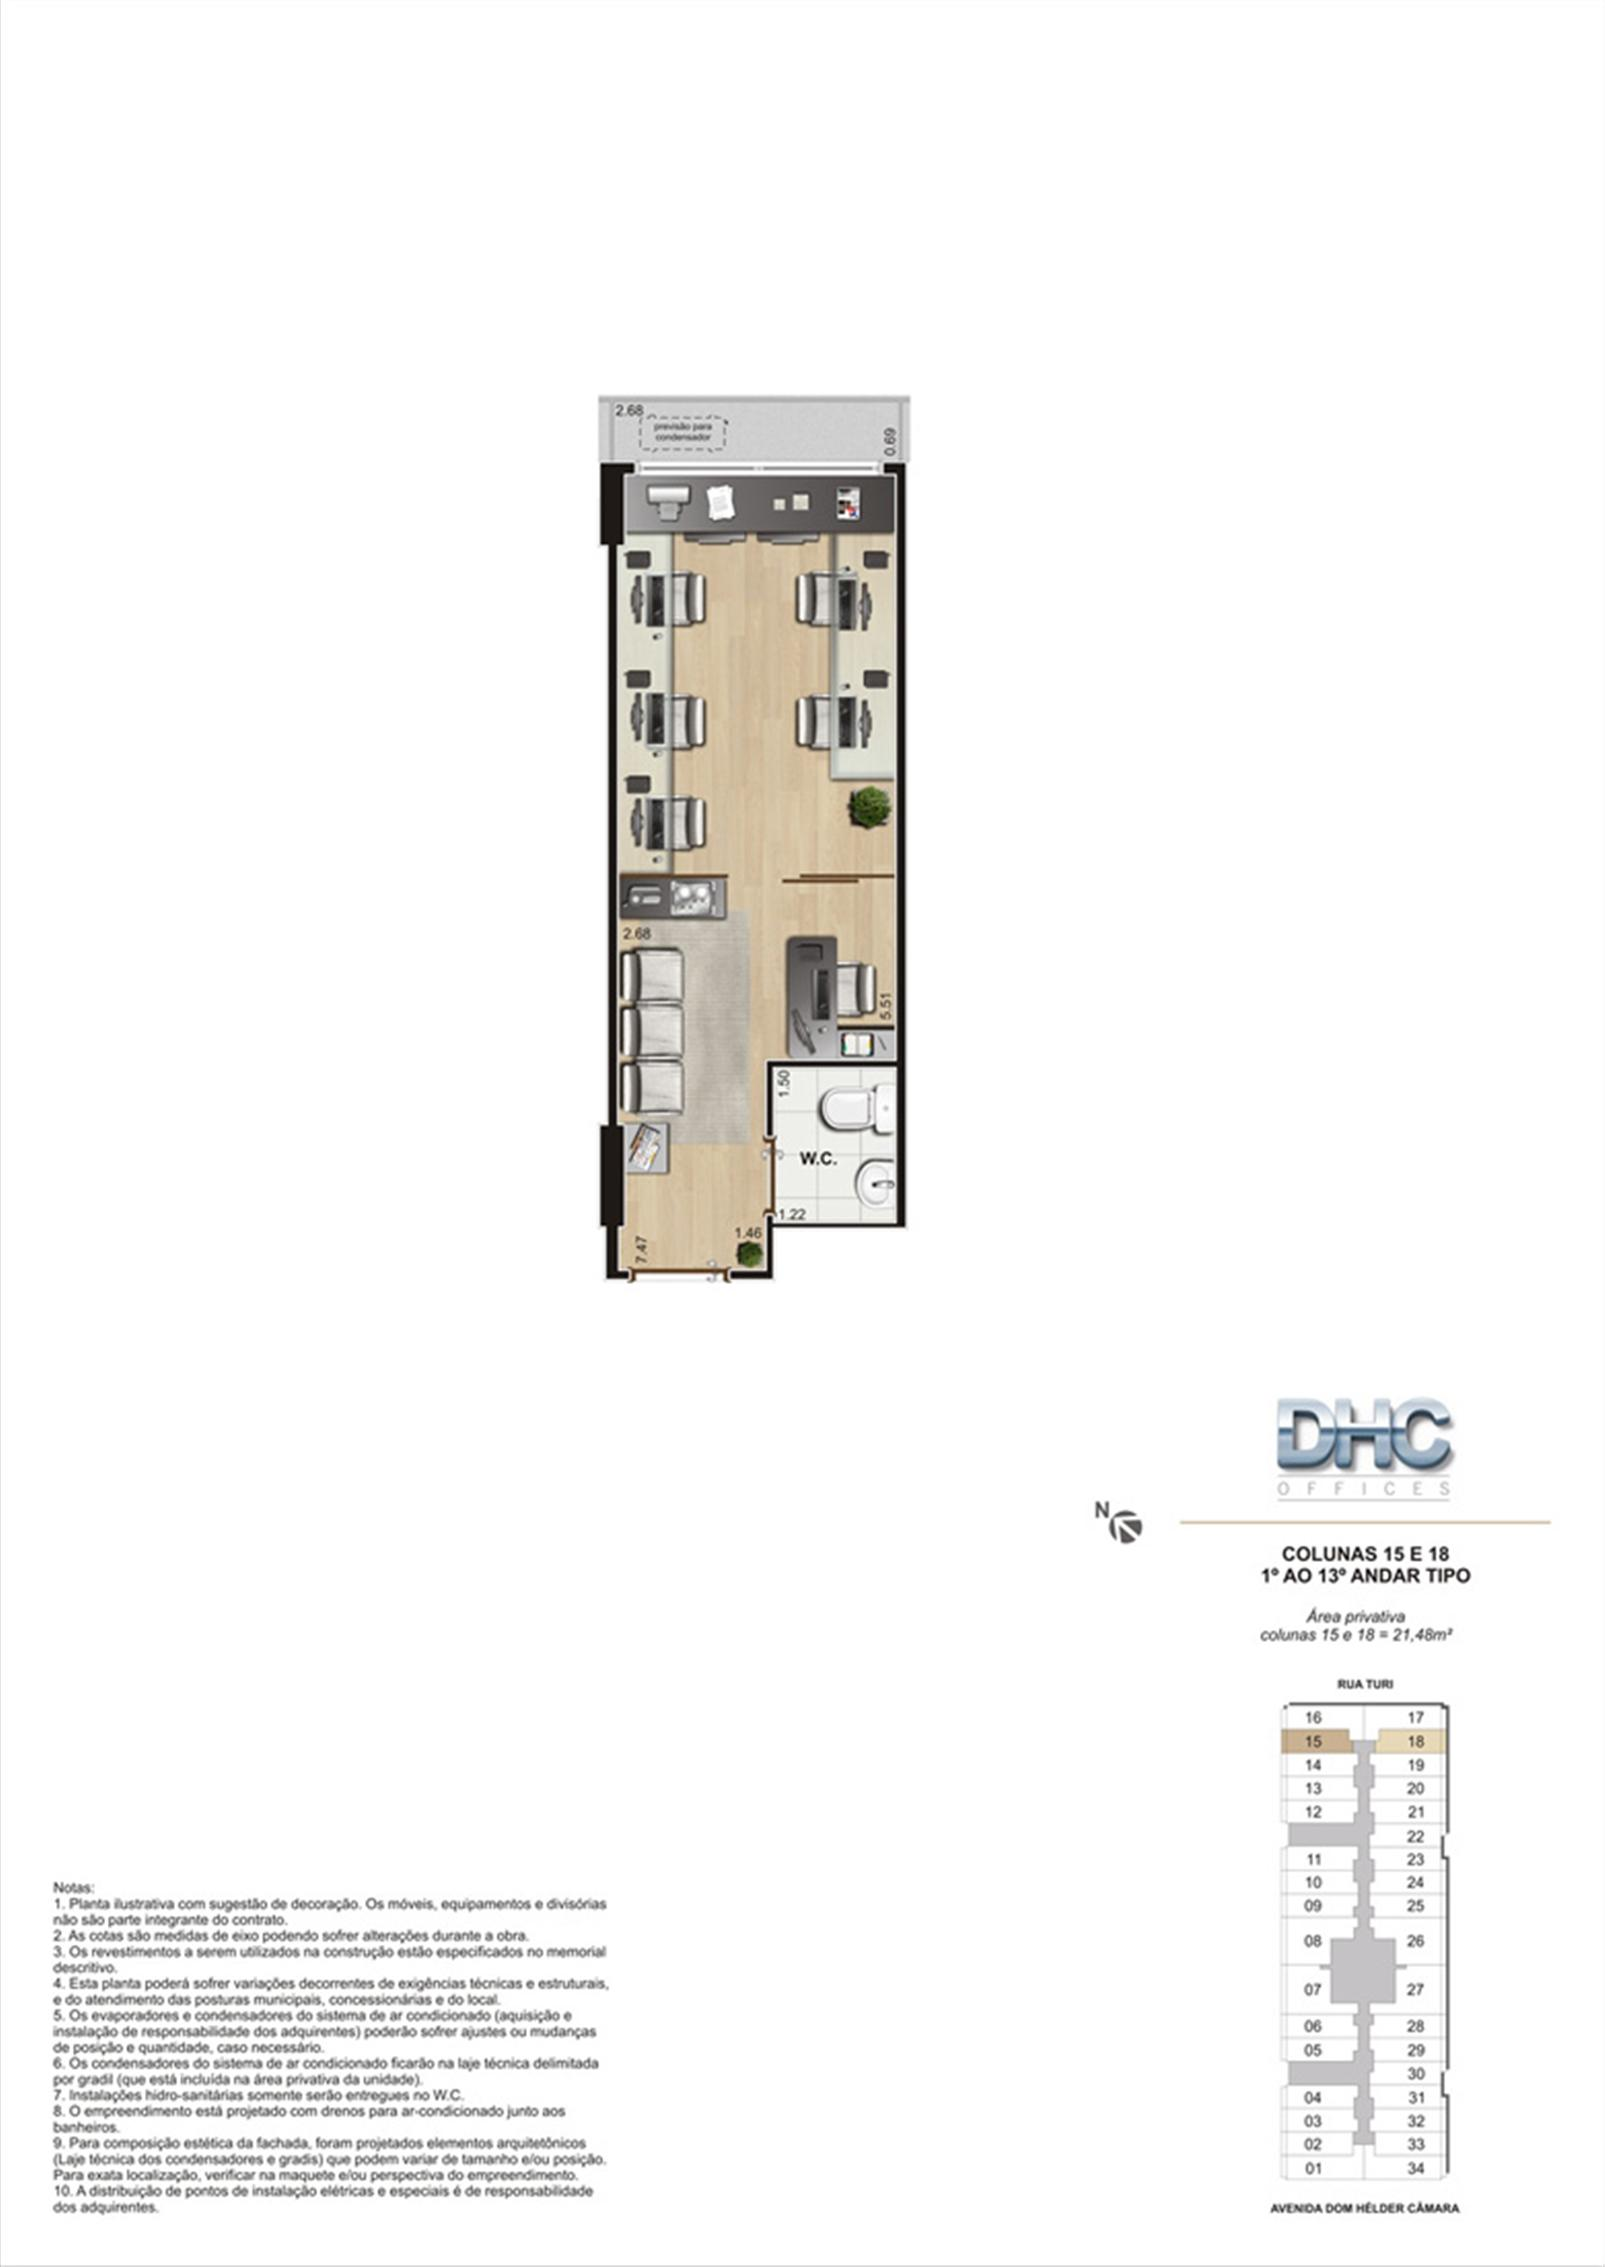 Colunas 15 e 18 -1° ao 13º andar tipo | DHC Offices – Salas Comerciaisem  Pilares - Rio de Janeiro - Rio de Janeiro